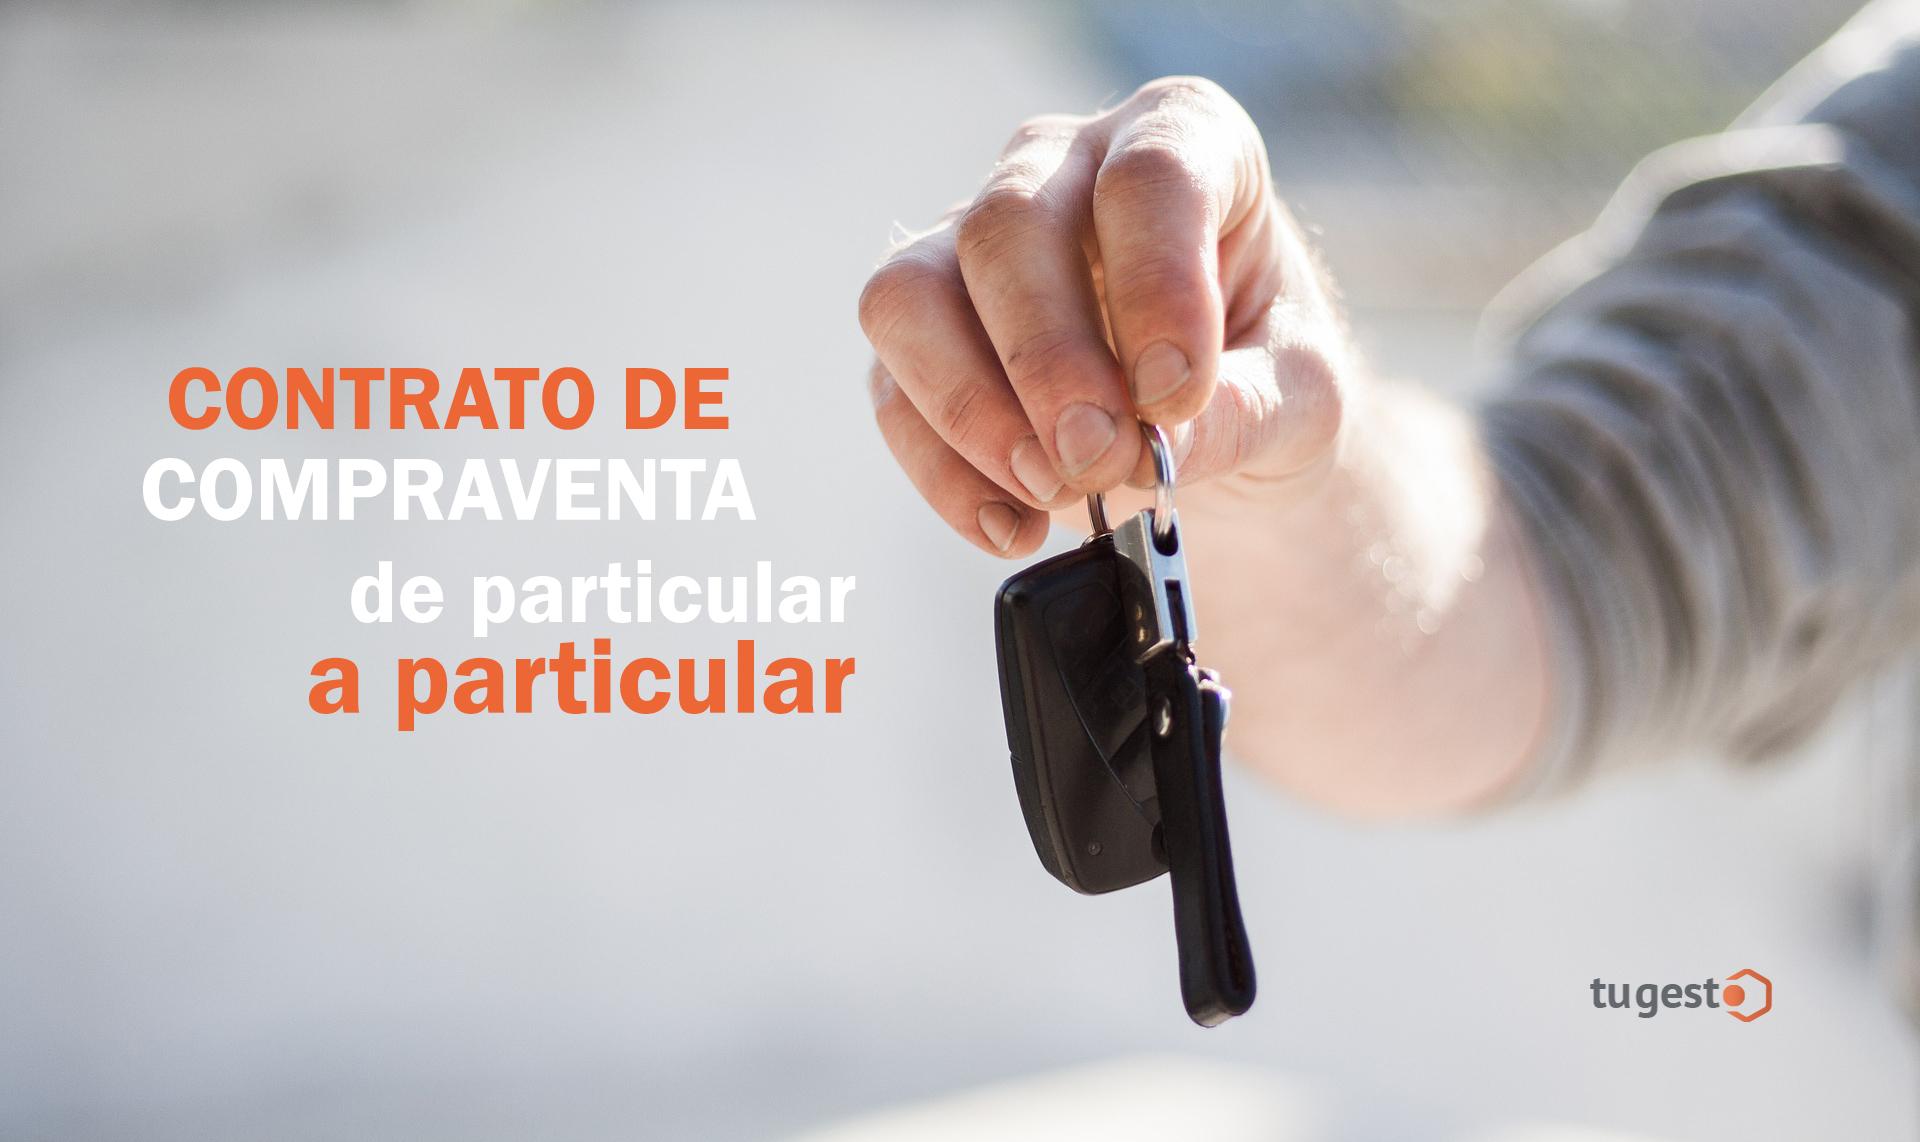 Contrato de compraventa de un vehículo. Cómo hacerlo | Blog de tugesto